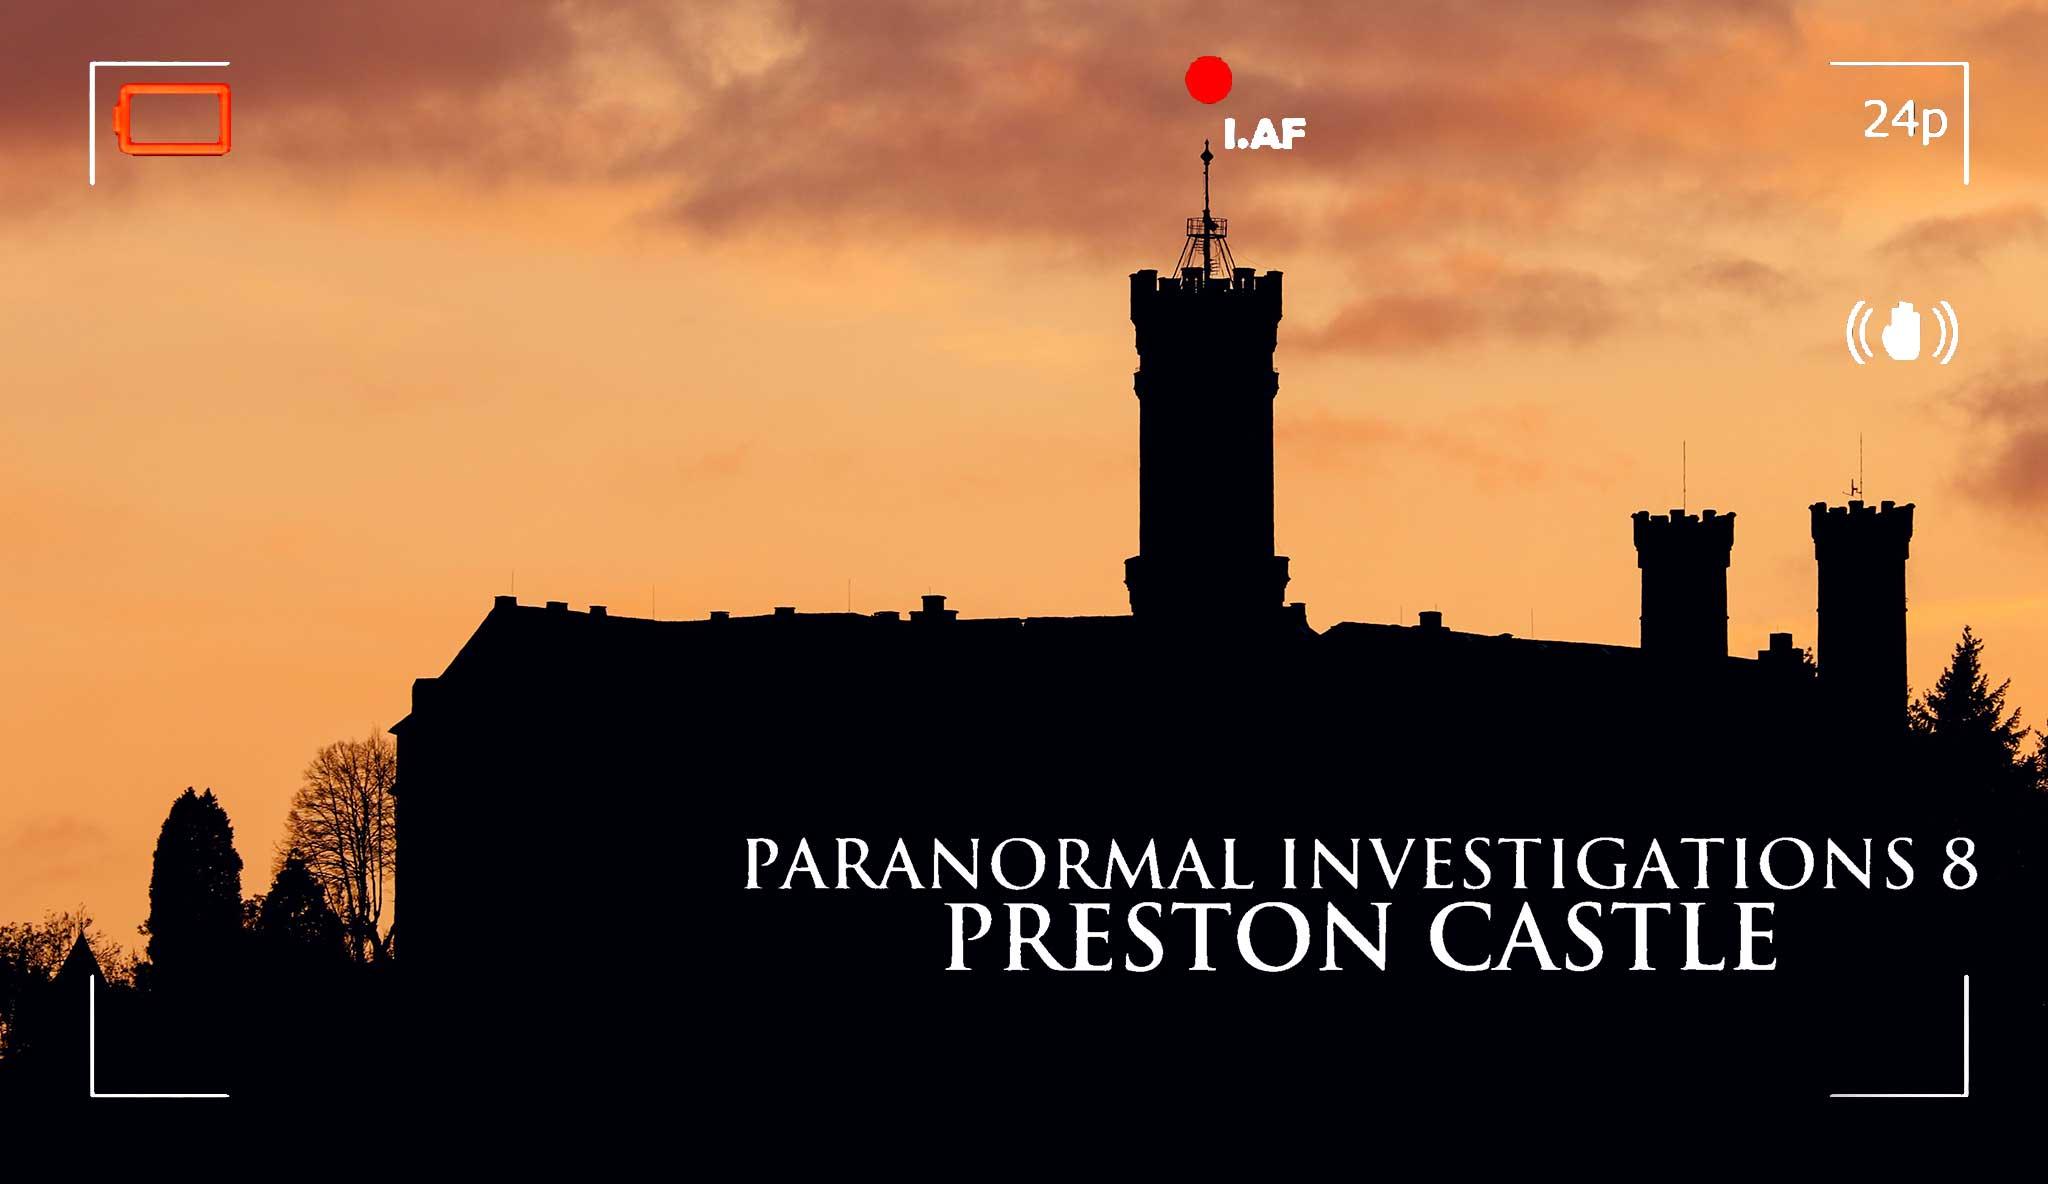 paranormal-investigations-8-preston-castle\header.jpg